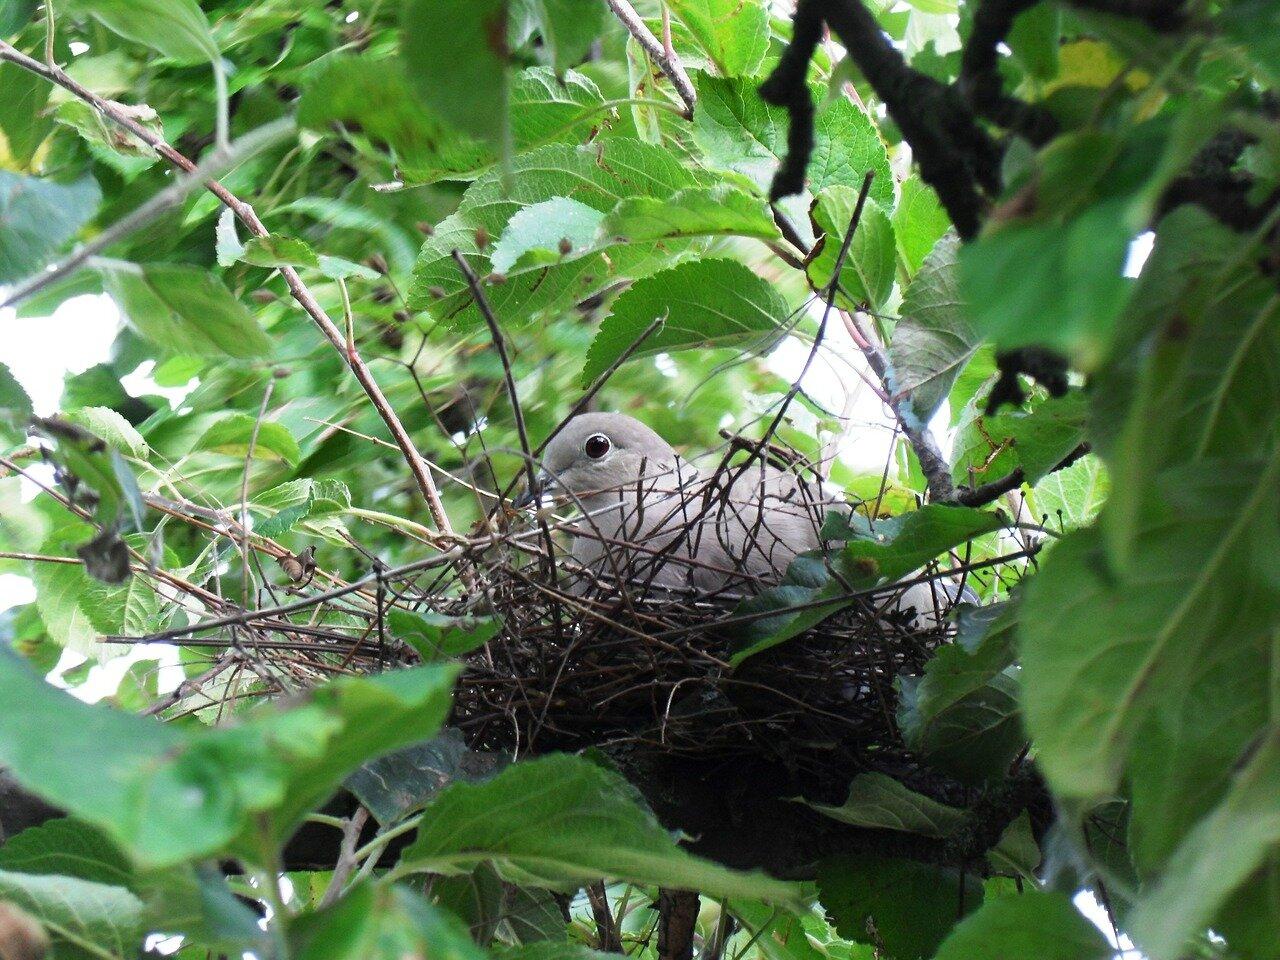 Gdzie gołąb zakłada gniazdo? Dwuznaczna natura gołębia – Gdzie gołębie zakładają gniazda?